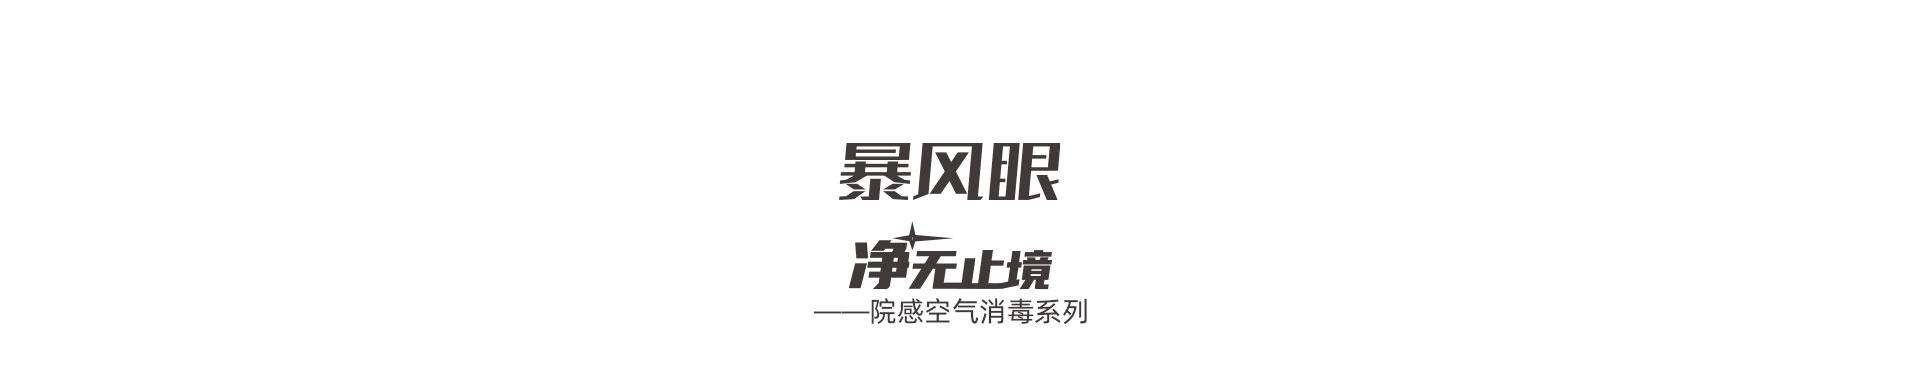 2021_02.jpg